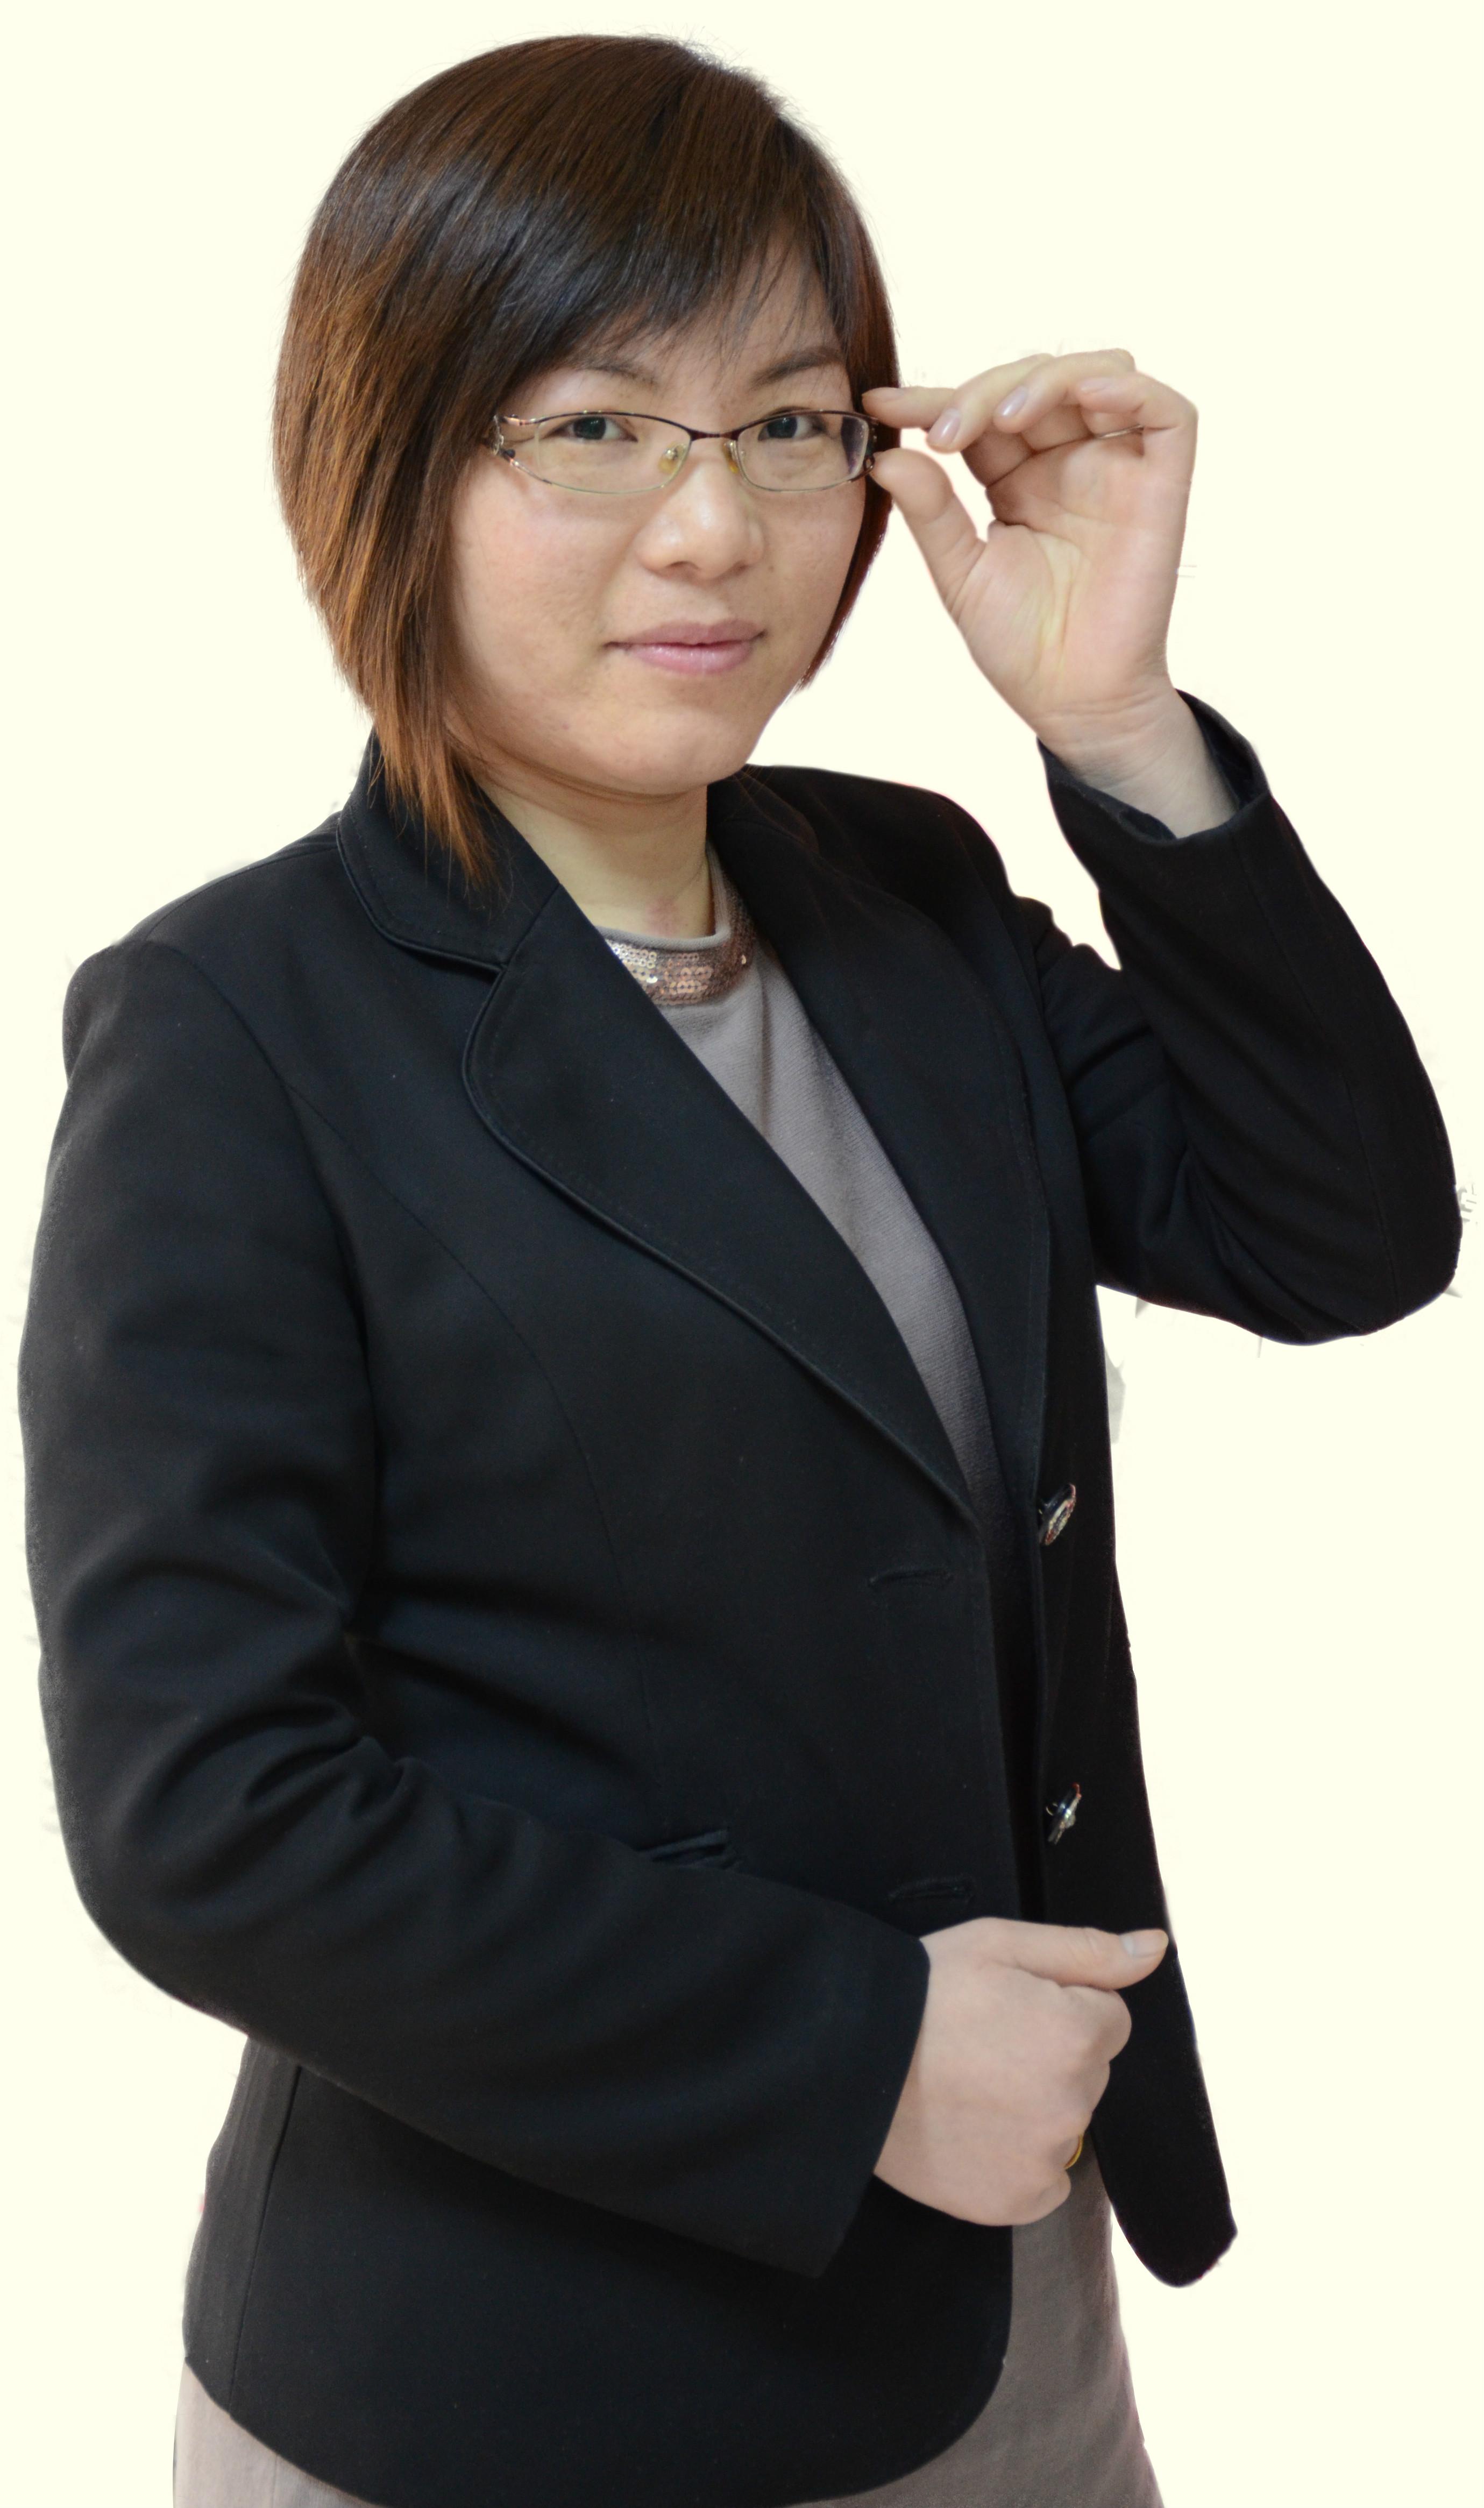 保定家教赵玉芳老师